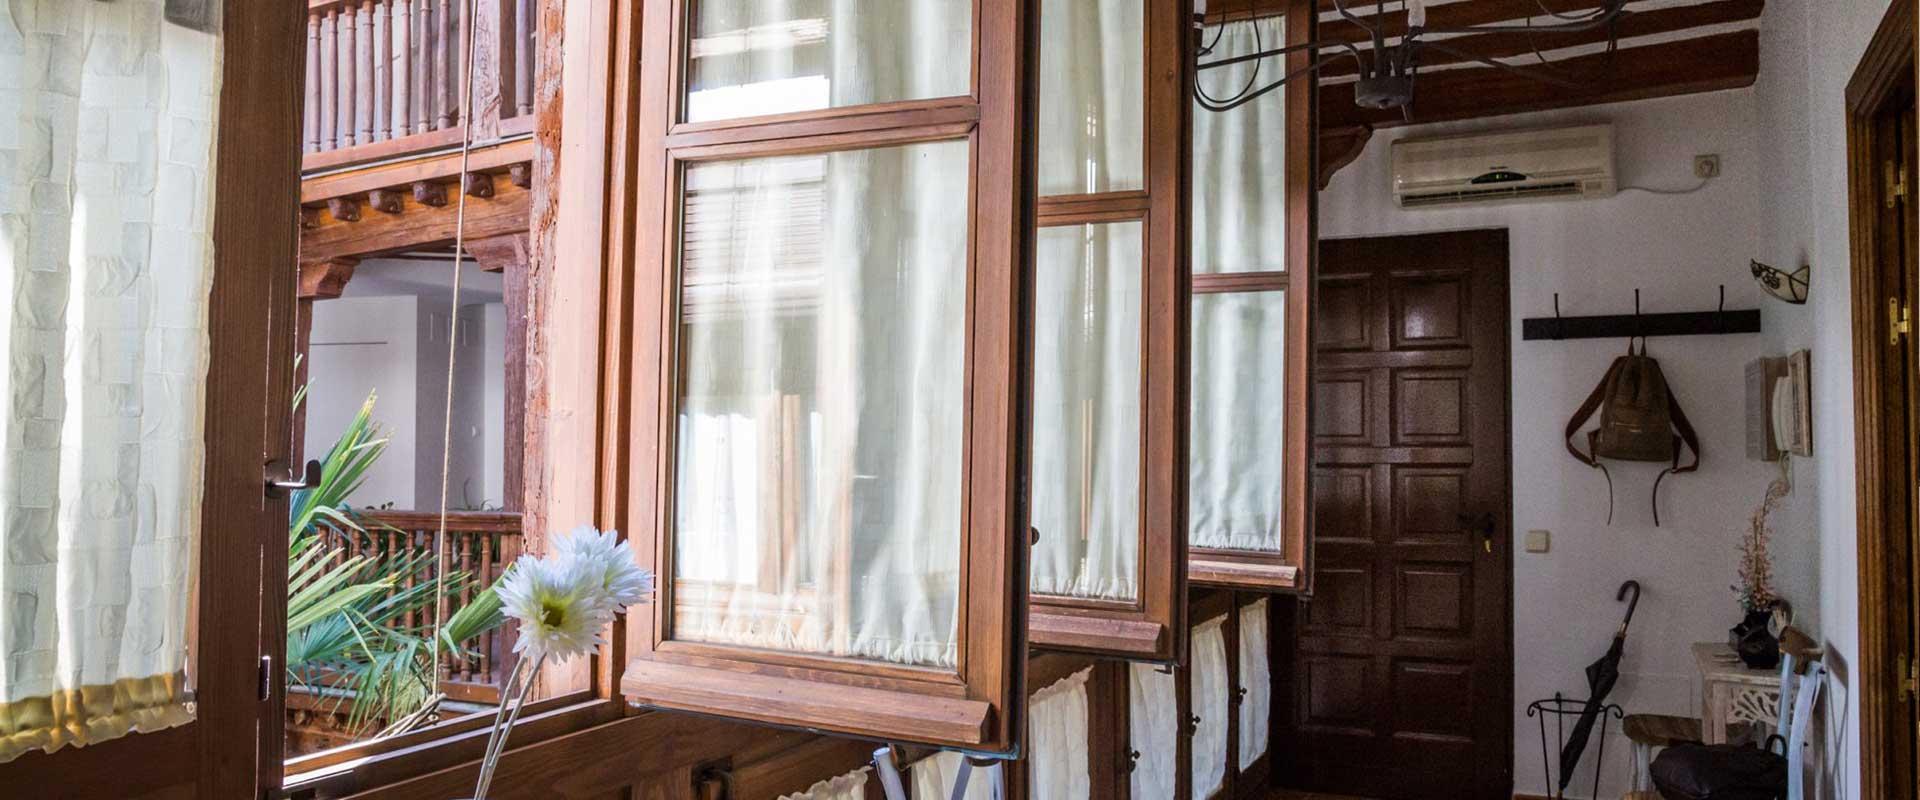 lacasadelosinfantes - Alojamiento para empresas en Toledo - Toledo Ap Alojamientos turísticos